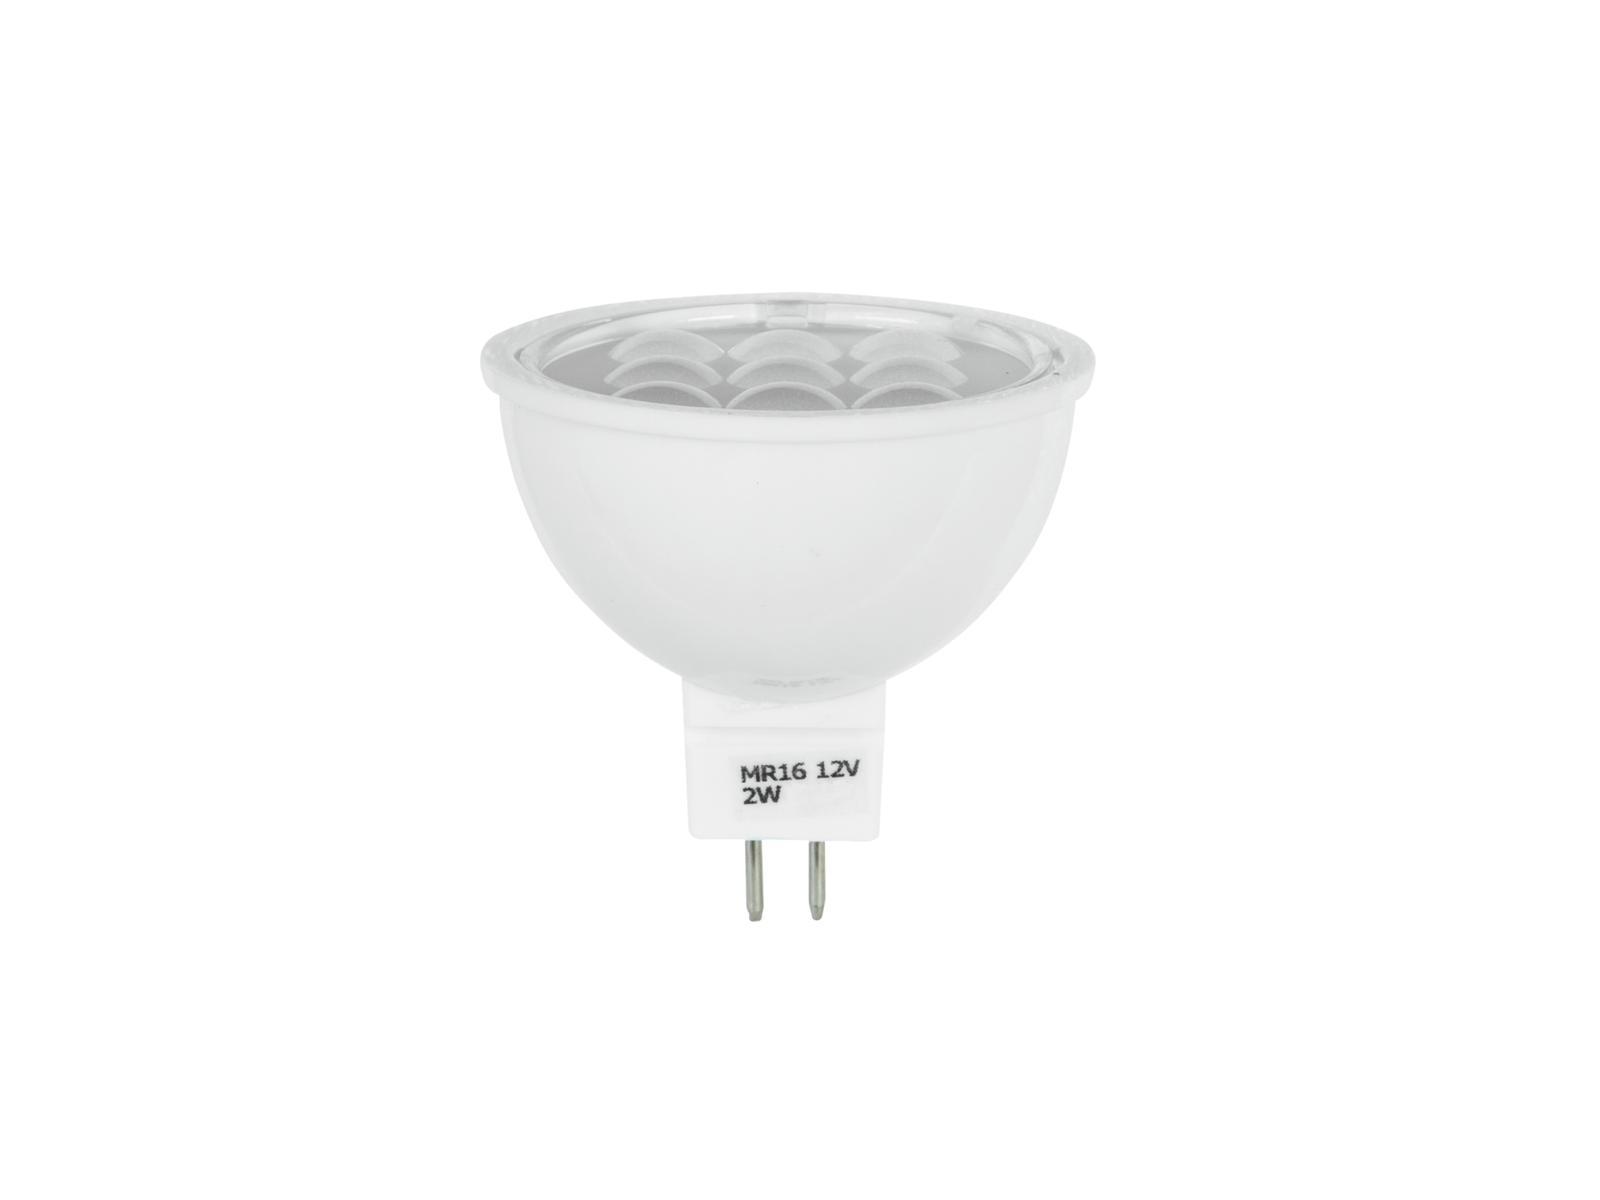 Lampada a led, luce verde MR-16 12V GU-5.3 2W SMD OMNILUX